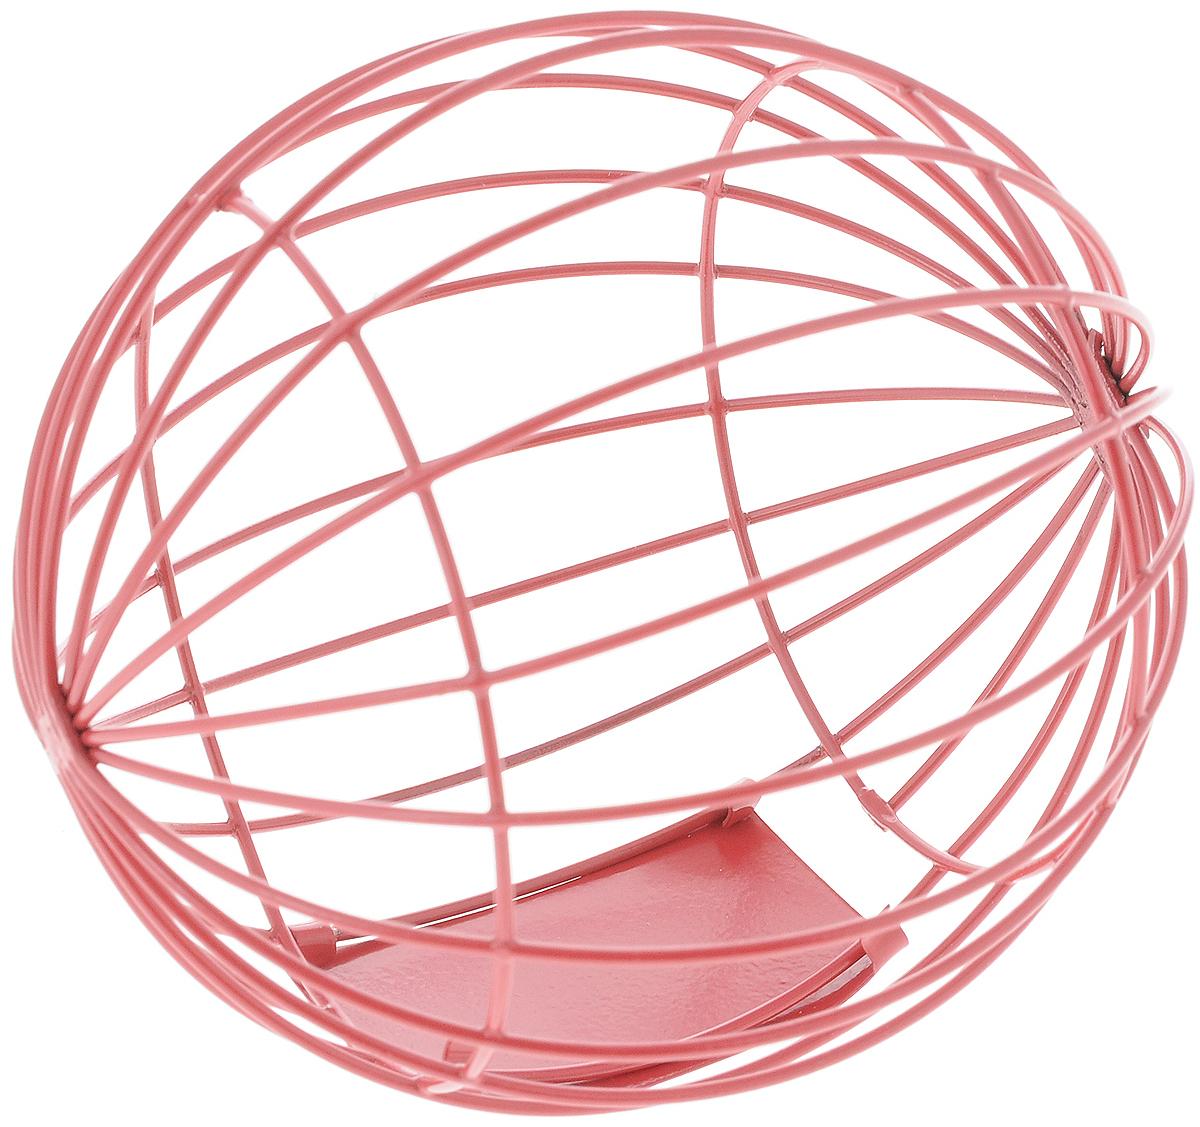 Кормушка для грызунов Nobby Шар, цвет: красный, диаметр 10 смBA457Кормушка для грызунов Nobby Шар изготовлена из металлической проволоки и оснащена дверцей для более удобного заполнения кормом или лакомством. Отлично подходит для сена, травы, листьев салата и лакомств.Кормушка мотивирует животное к игре в награду за еду. Конструкция защитит лакомство от загрязнений.Диаметр шара: 10 см.